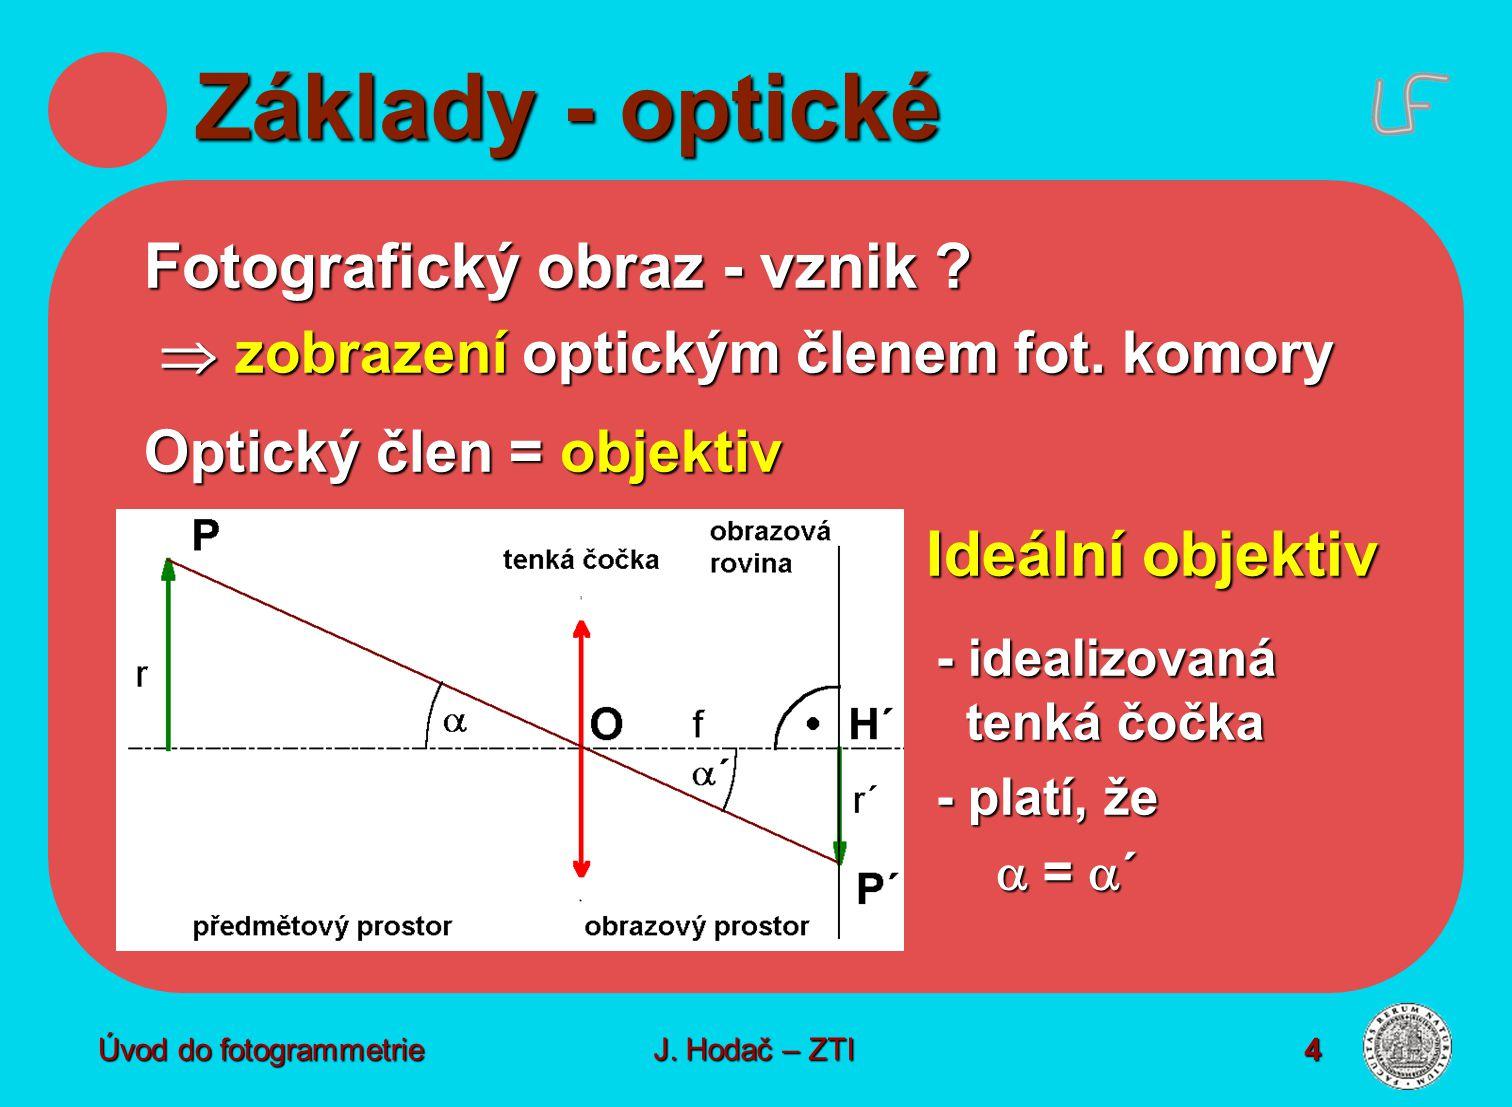 Úvod do fotogrammetrie4 Základy - optické Fotografický obraz - vznik ?  zobrazení optickým členem fot. komory  zobrazení optickým členem fot. komory